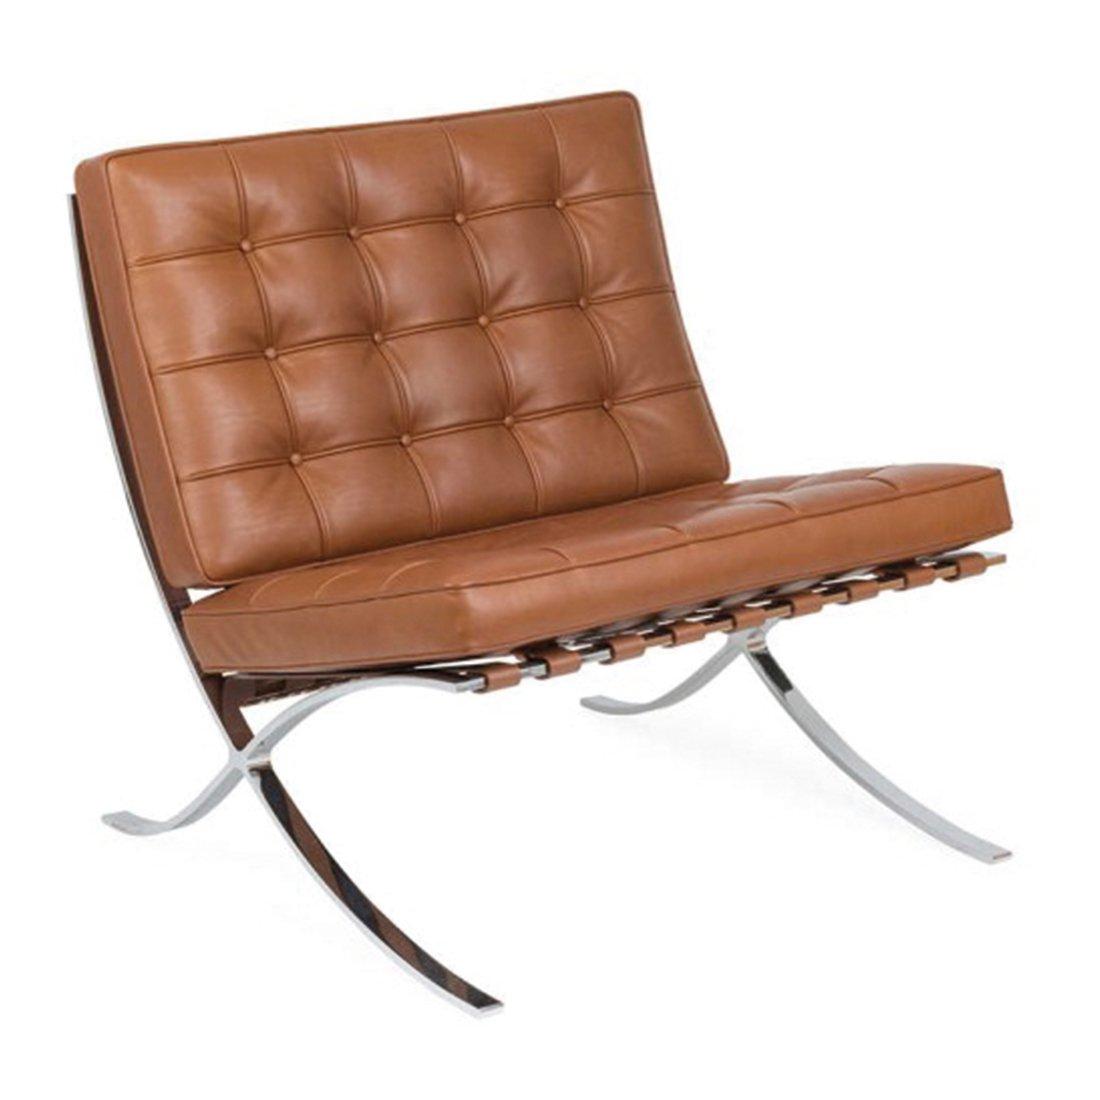 Knoll International Barcelona Chair Relax - Venezia Cognac